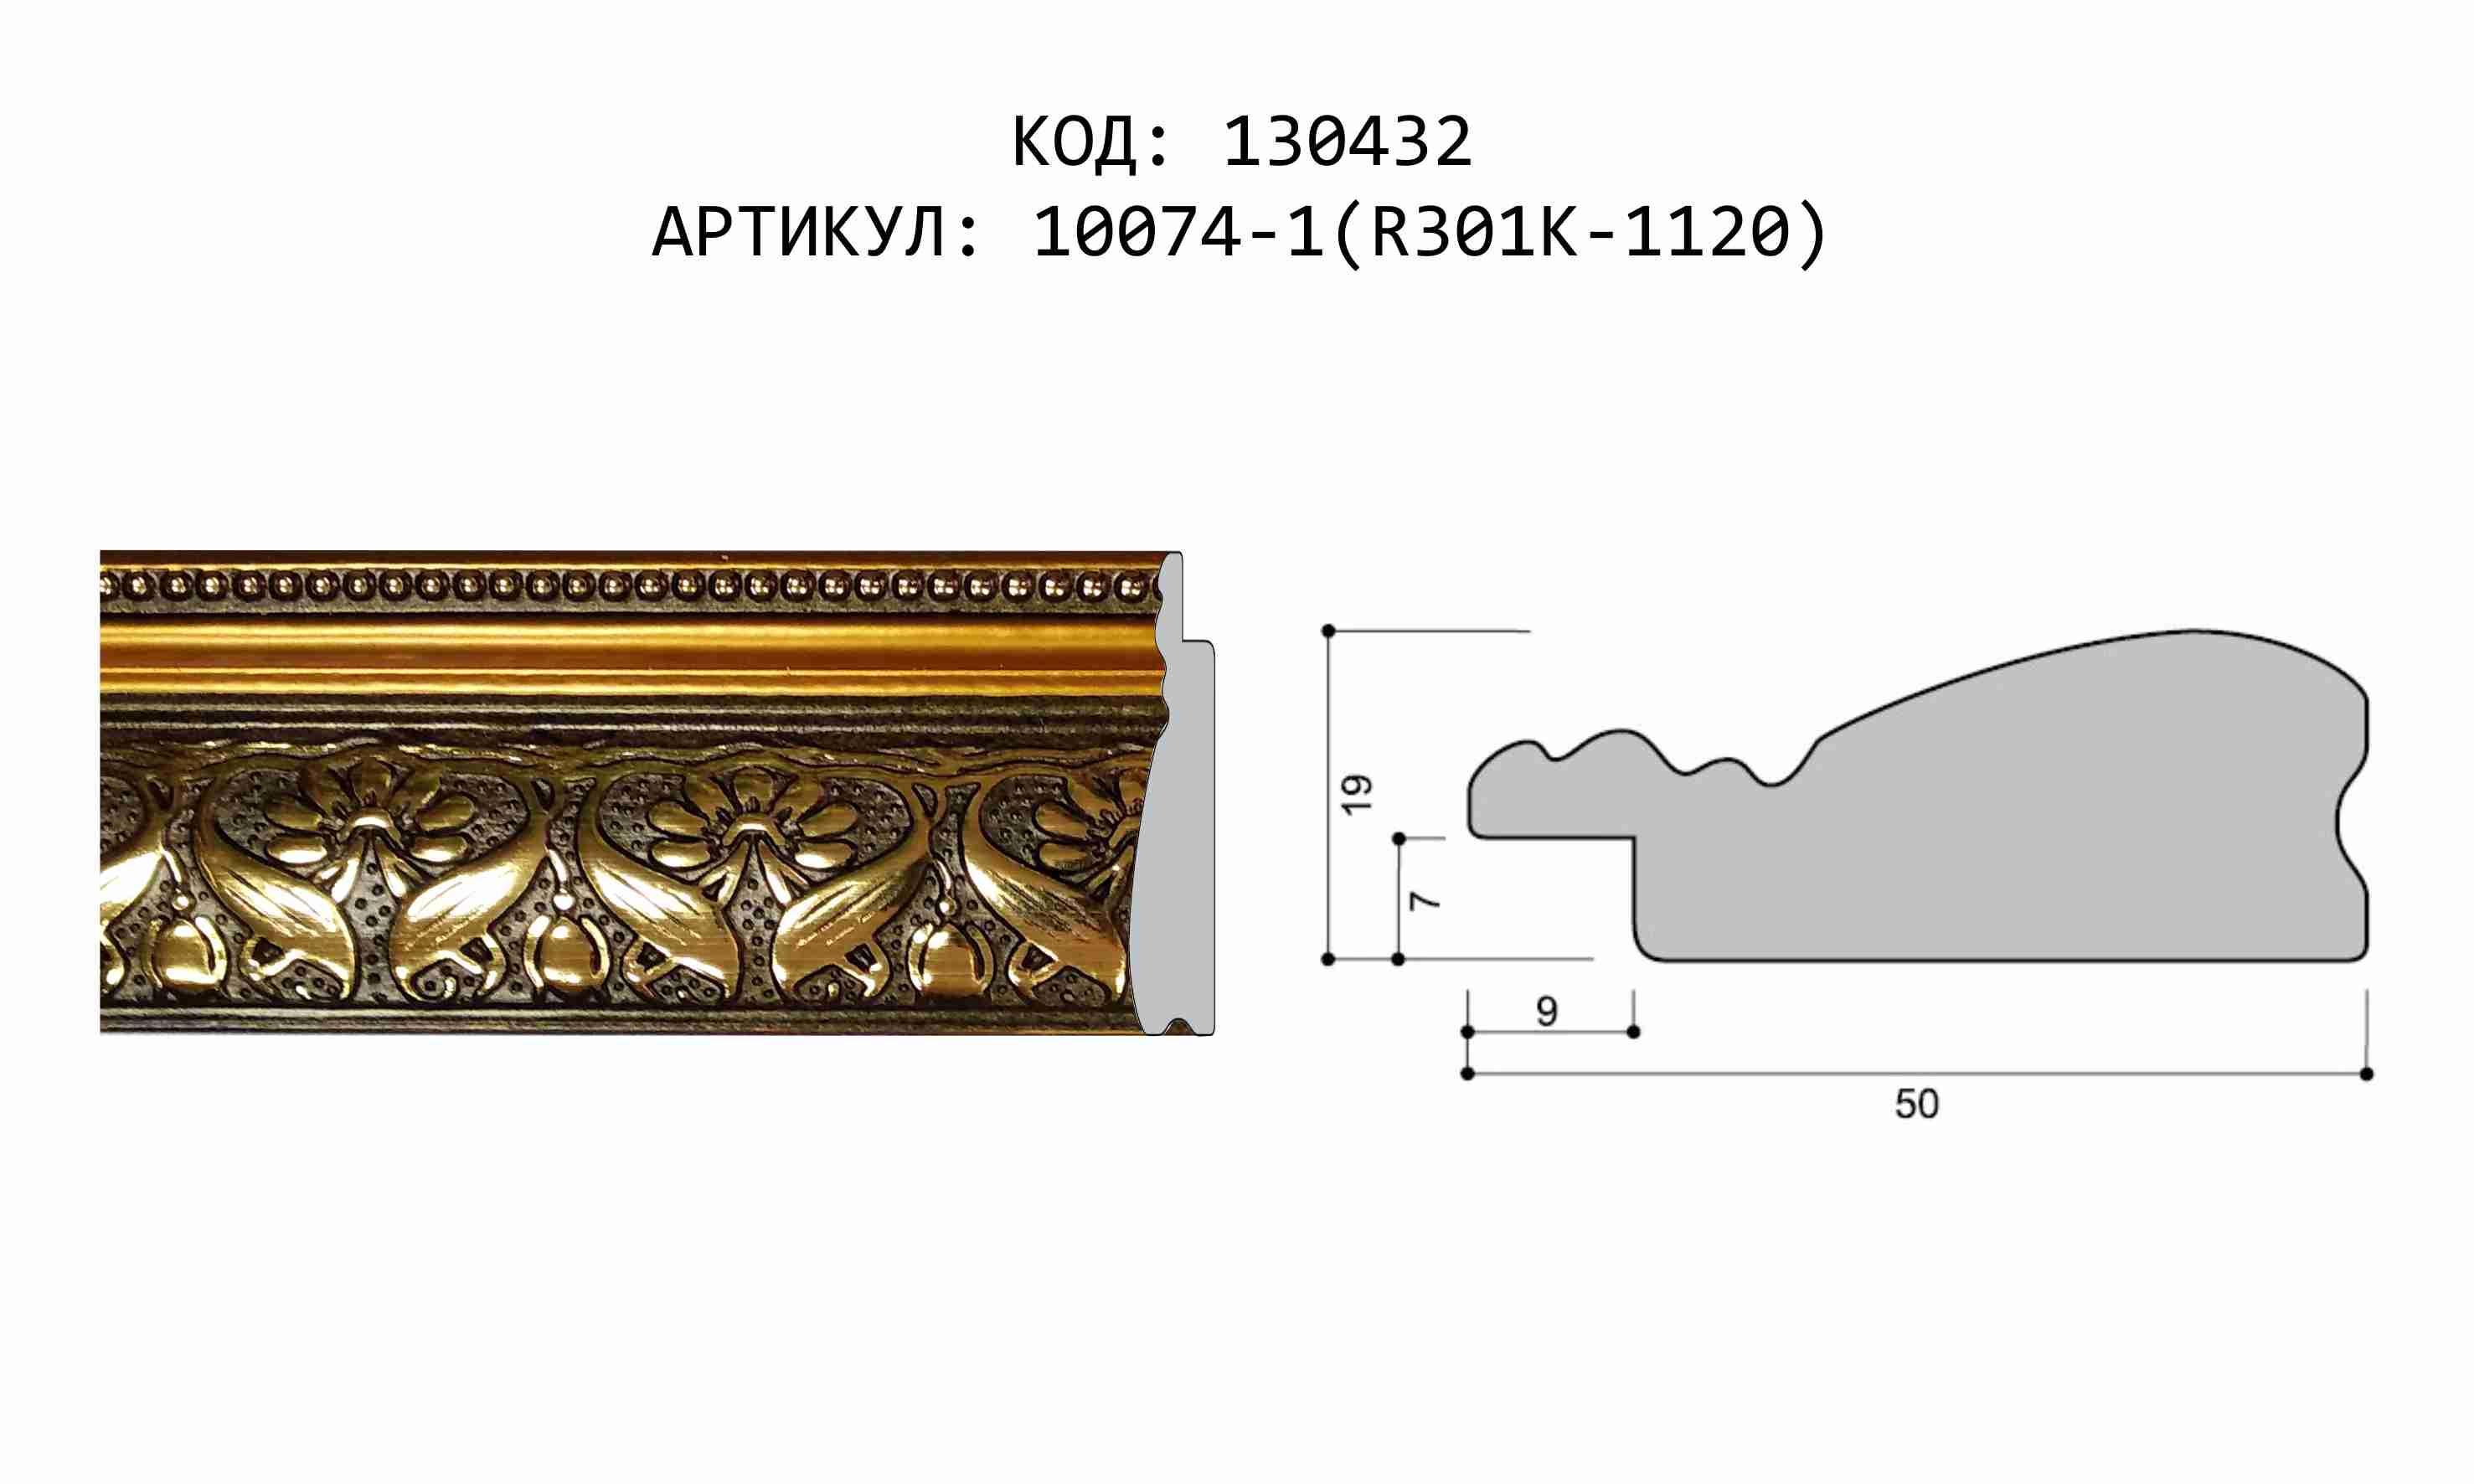 Артикул: 10074-1 (R301K-1120)